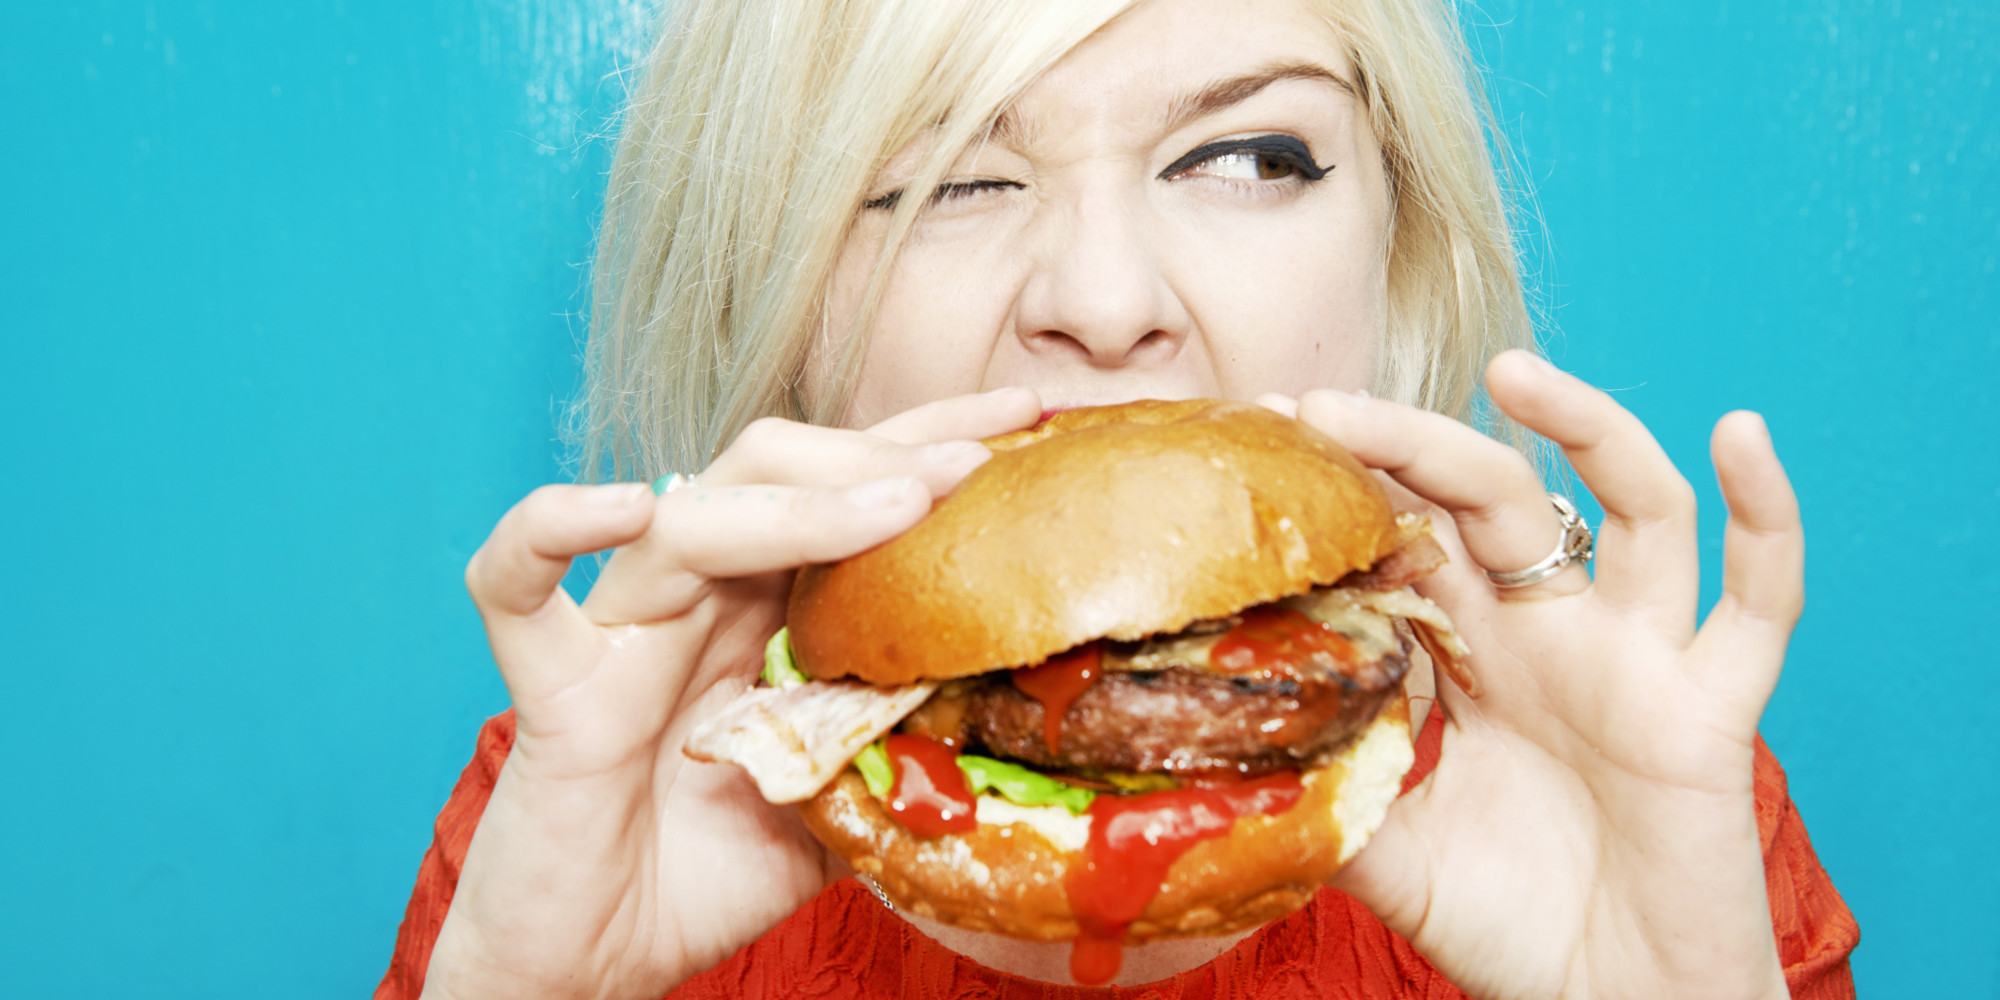 Безнесмены беспокоятся, что свежее мясо будет более вредным. Фото: edusmi.ru